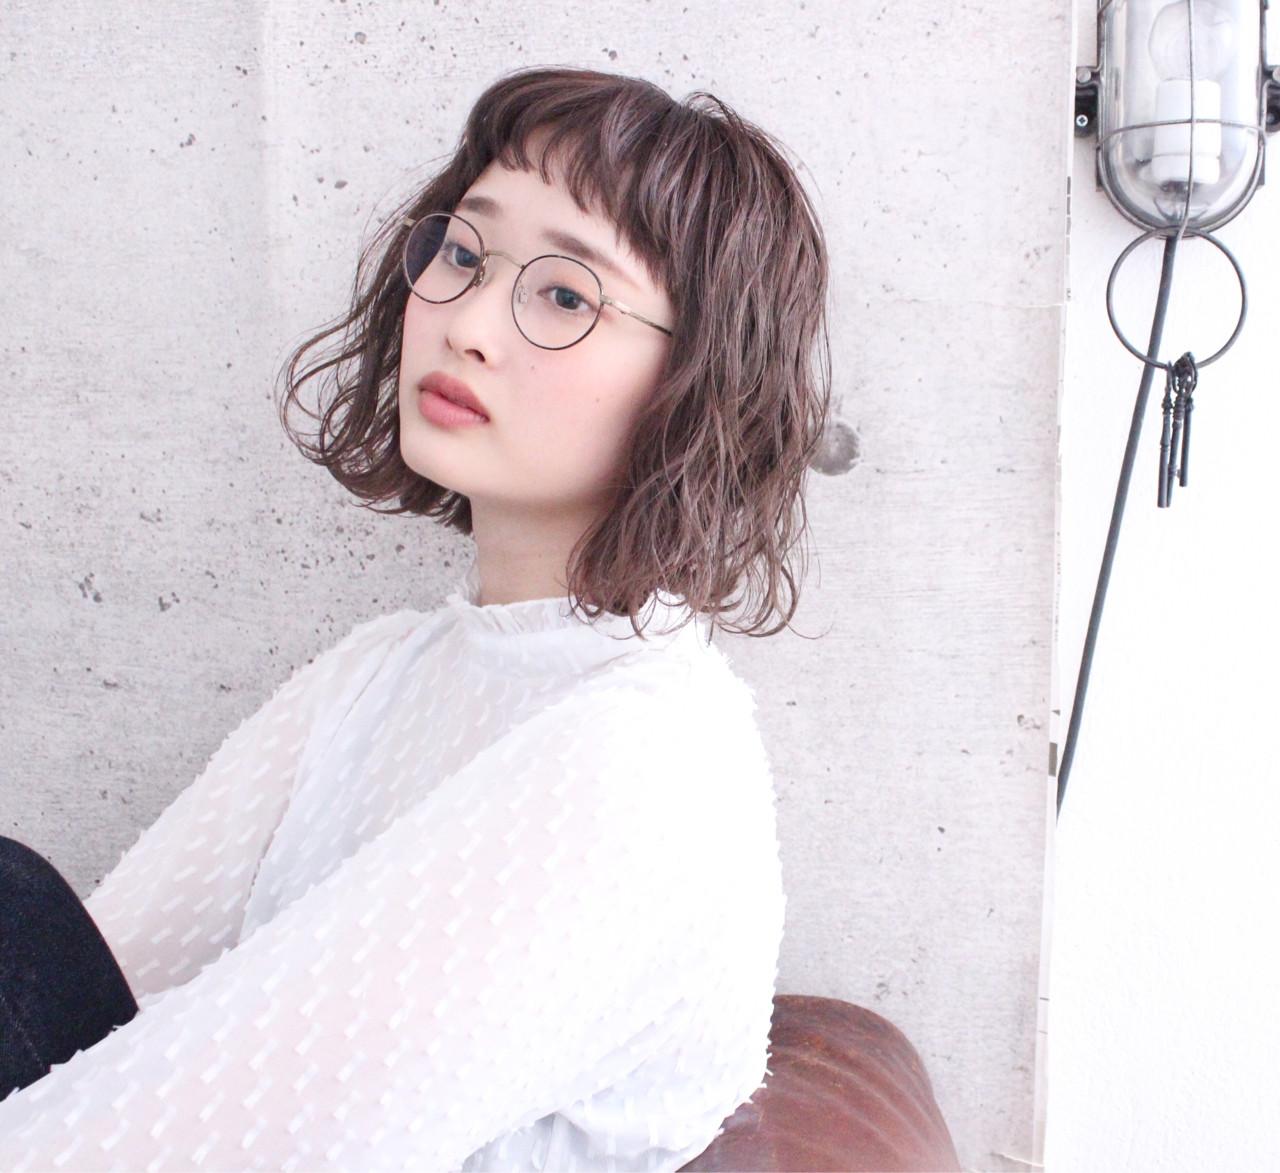 アンニュイ ゆるふわ 大人かわいい ナチュラル ヘアスタイルや髪型の写真・画像 | 上田智久 / ooit 福岡 天神 / ooit